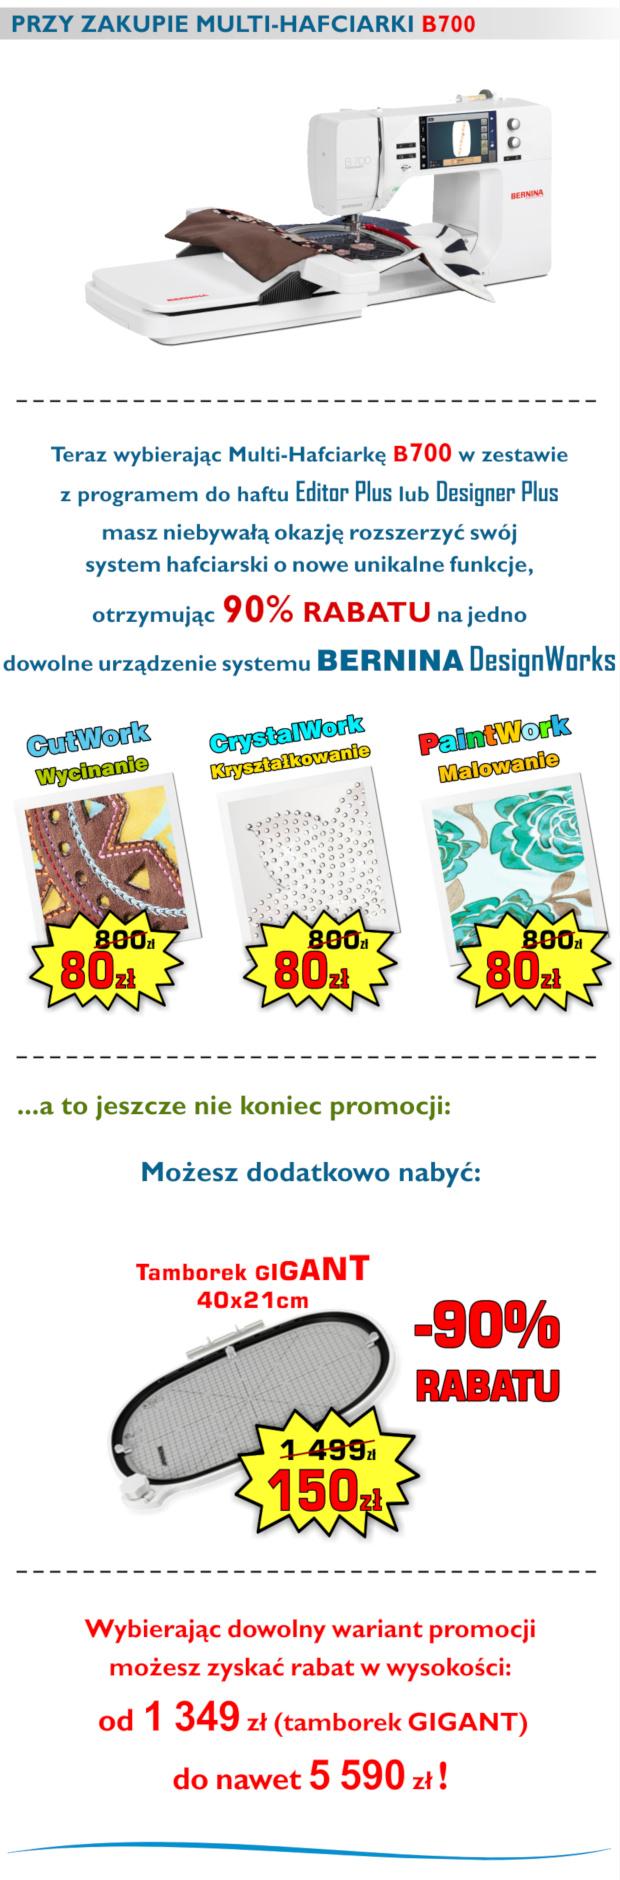 http://szycie.info.pl/pic/promocje/B700_globar-pl_promo_x.jpg